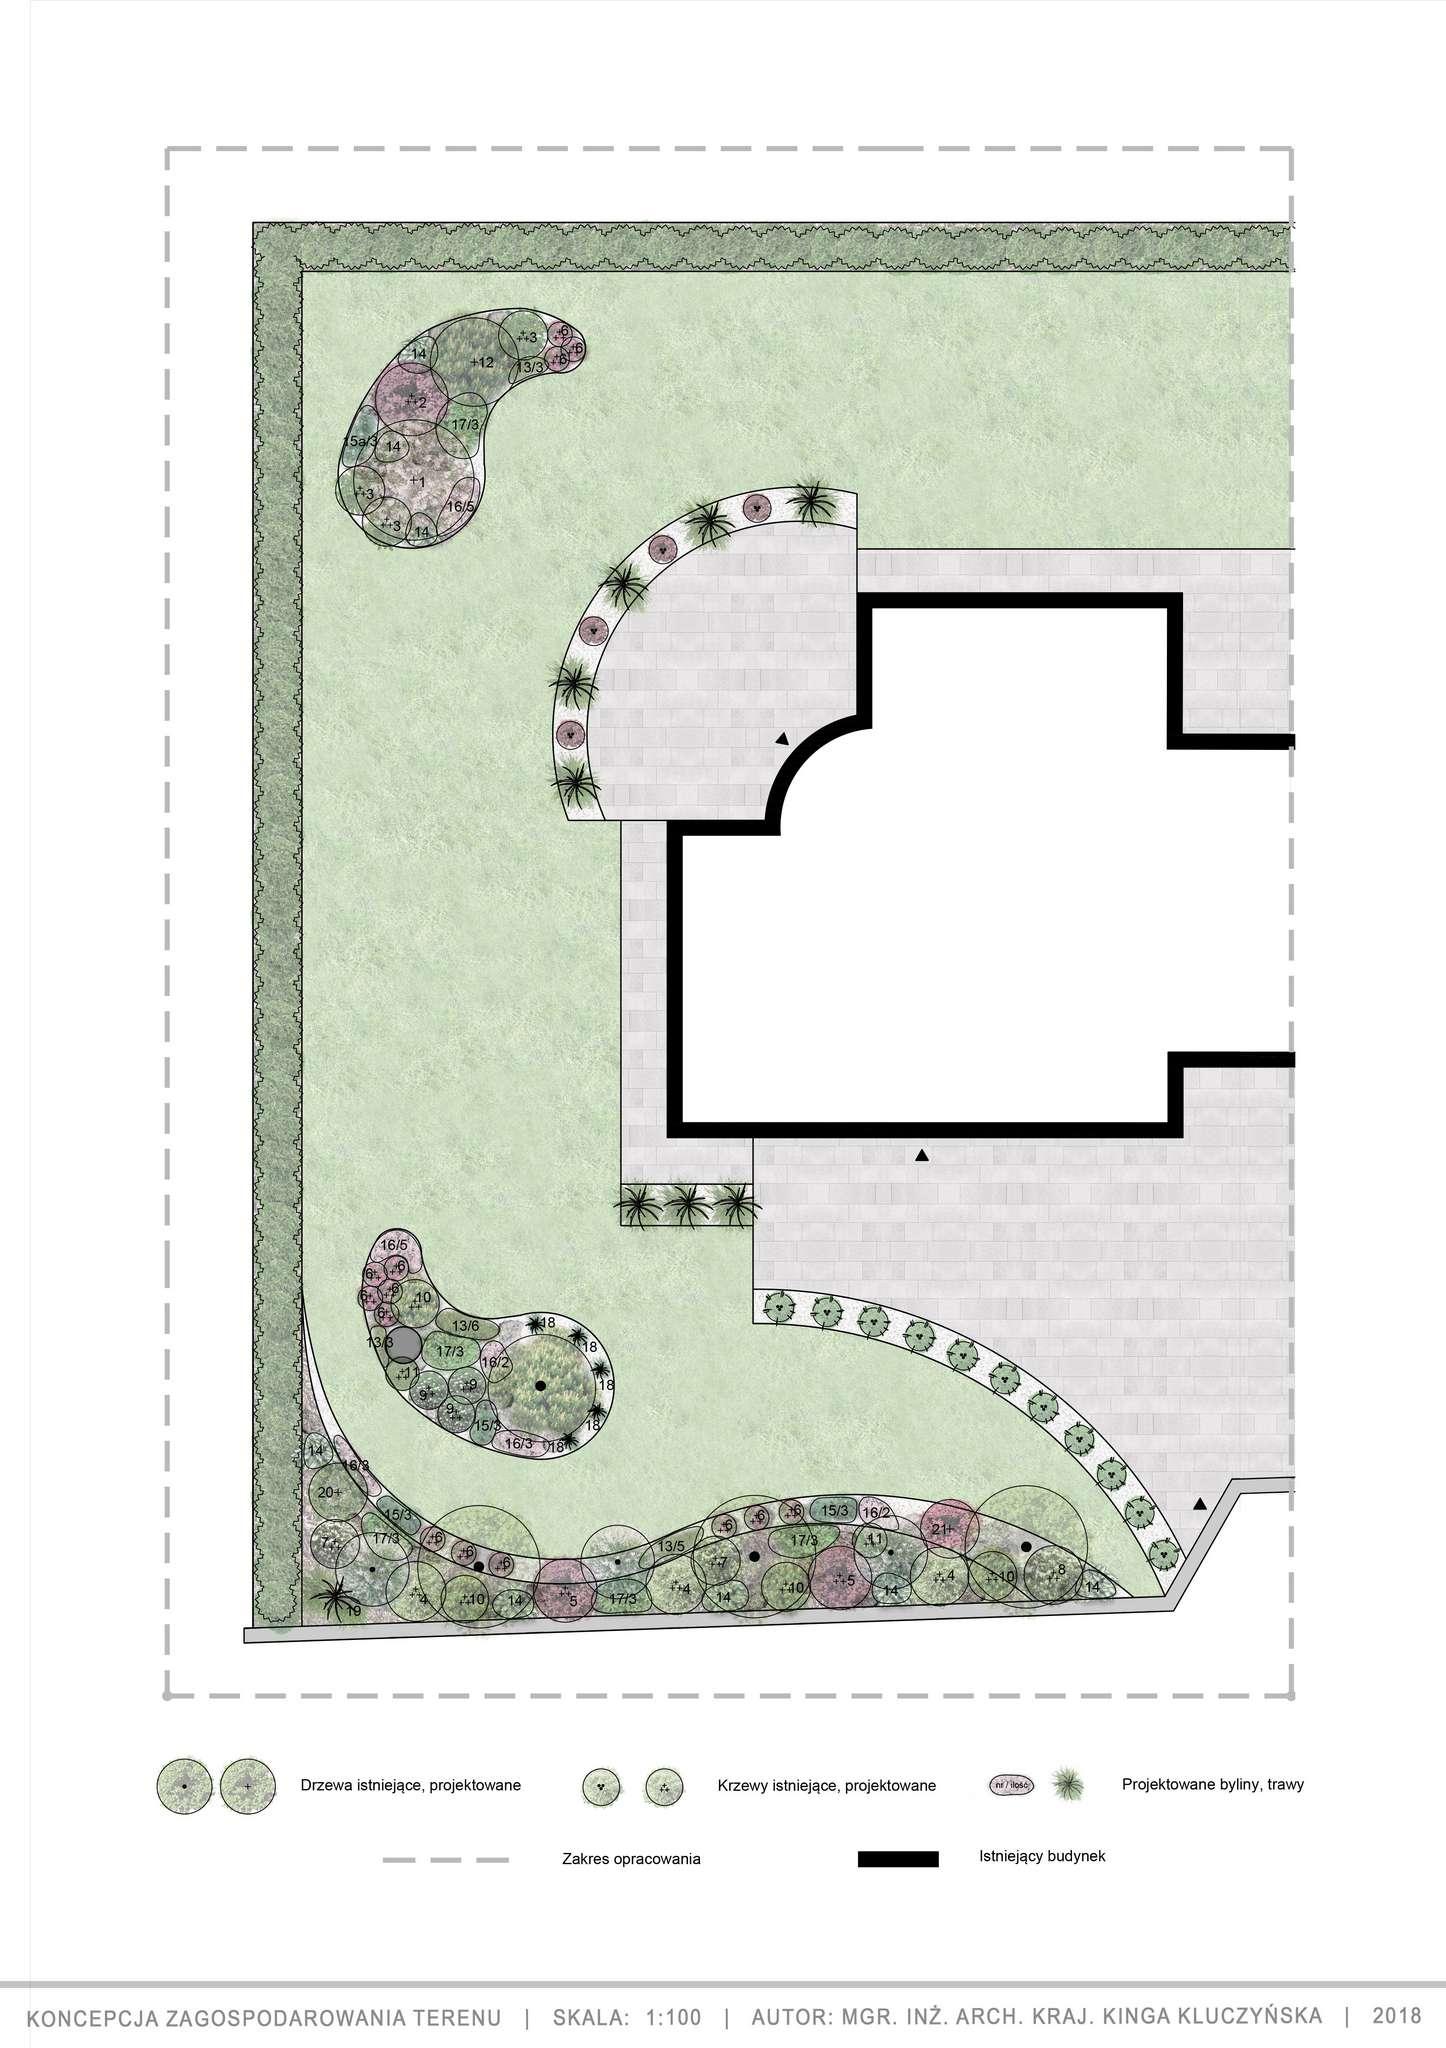 ogród w stylu japońskim projekt koncepcyjny